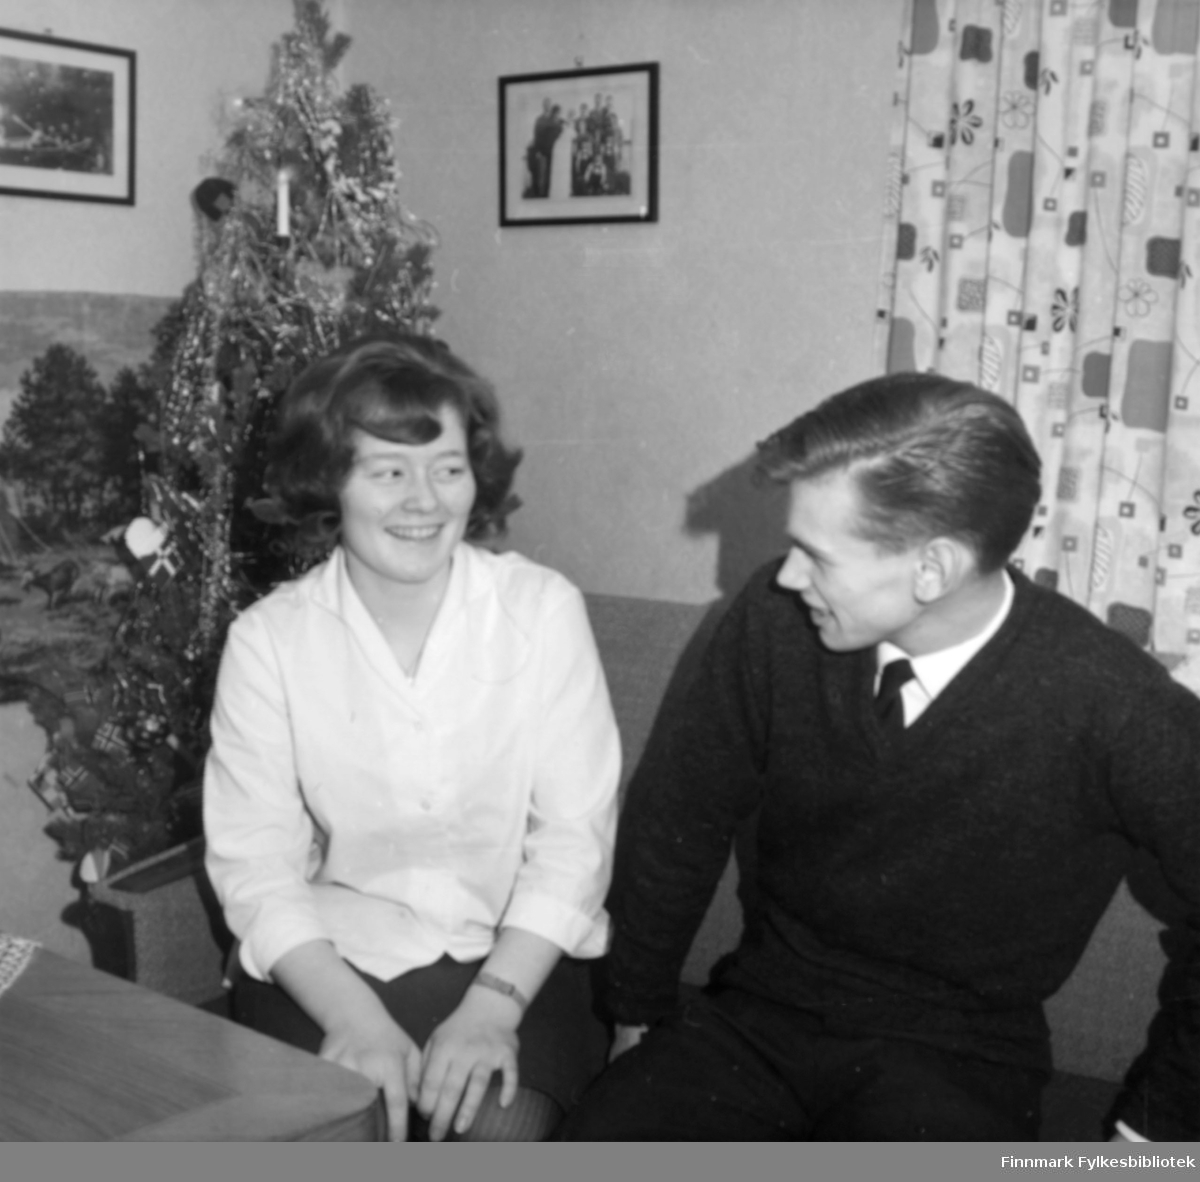 Åse Thomine Ingebrigtsen f. Johansen og Tor Ingebrigtsen som sitter ved siden av hverandre i en sofa i stua på Gamnes. Hun er søster til giver av bildene Karen Kristine Jakobsen f. Johansen. I hjørnet står det et tre med julepynt og lys. Bak sofaen henger det mønstrete gardiner. På veggen er det to innrammede bilder. Åse Thomine er kledt i et kort skjørt, og en hvit bluse. Han har på seg mørk bukse, v-genser, hvit skjorte, og et slips